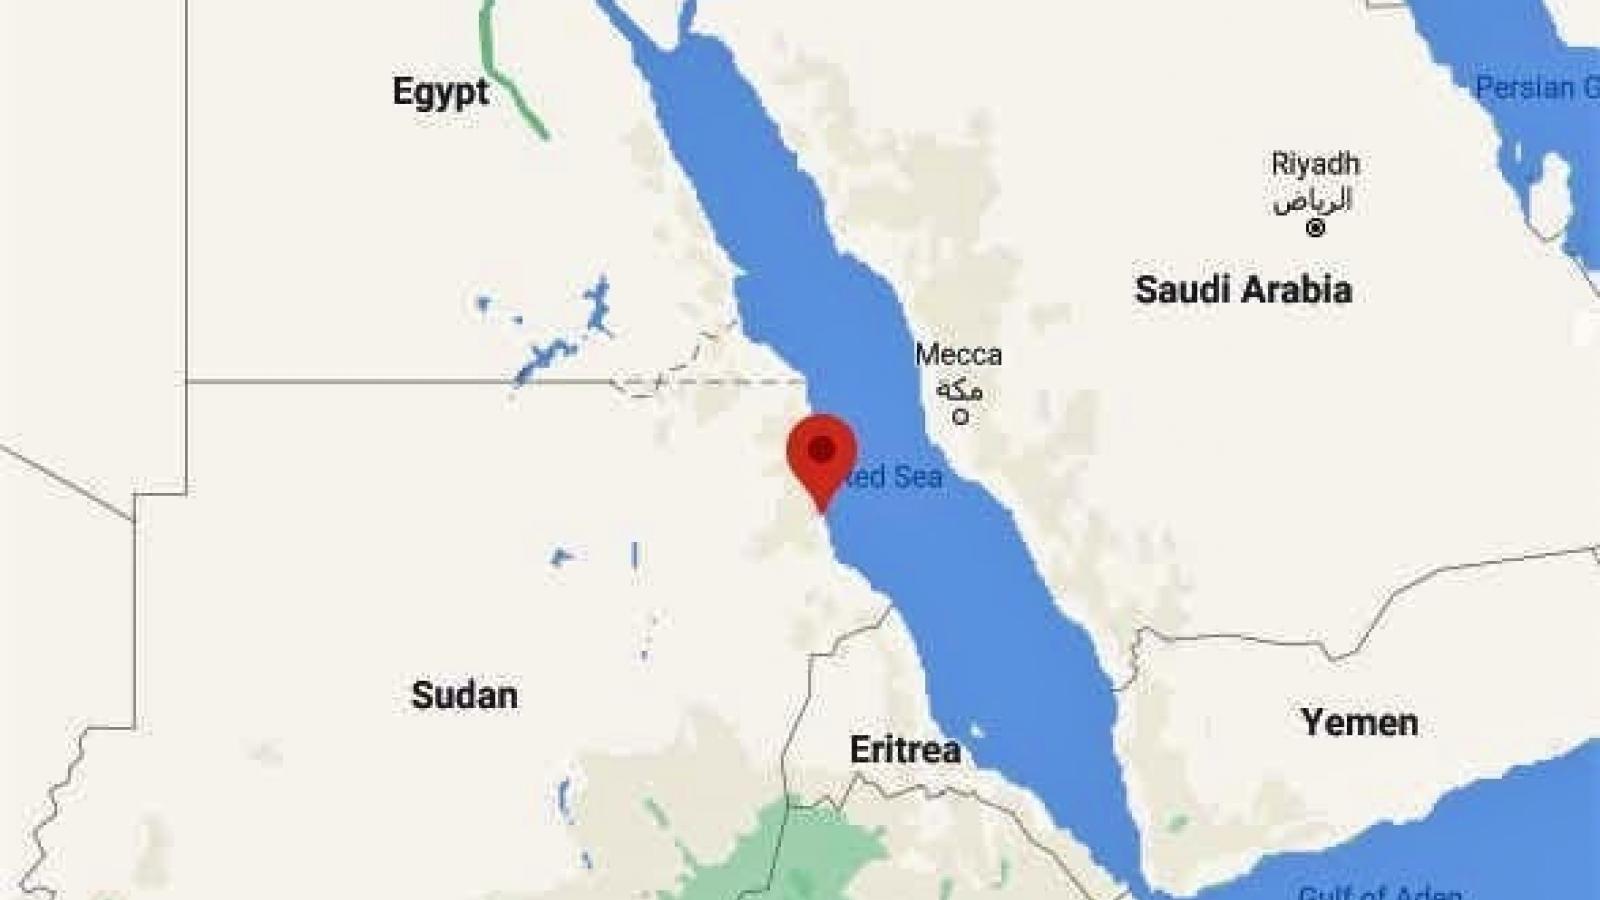 Somaliland có thể là phương án thay thế cho căn cứ hải quân Nga tại Sudan?